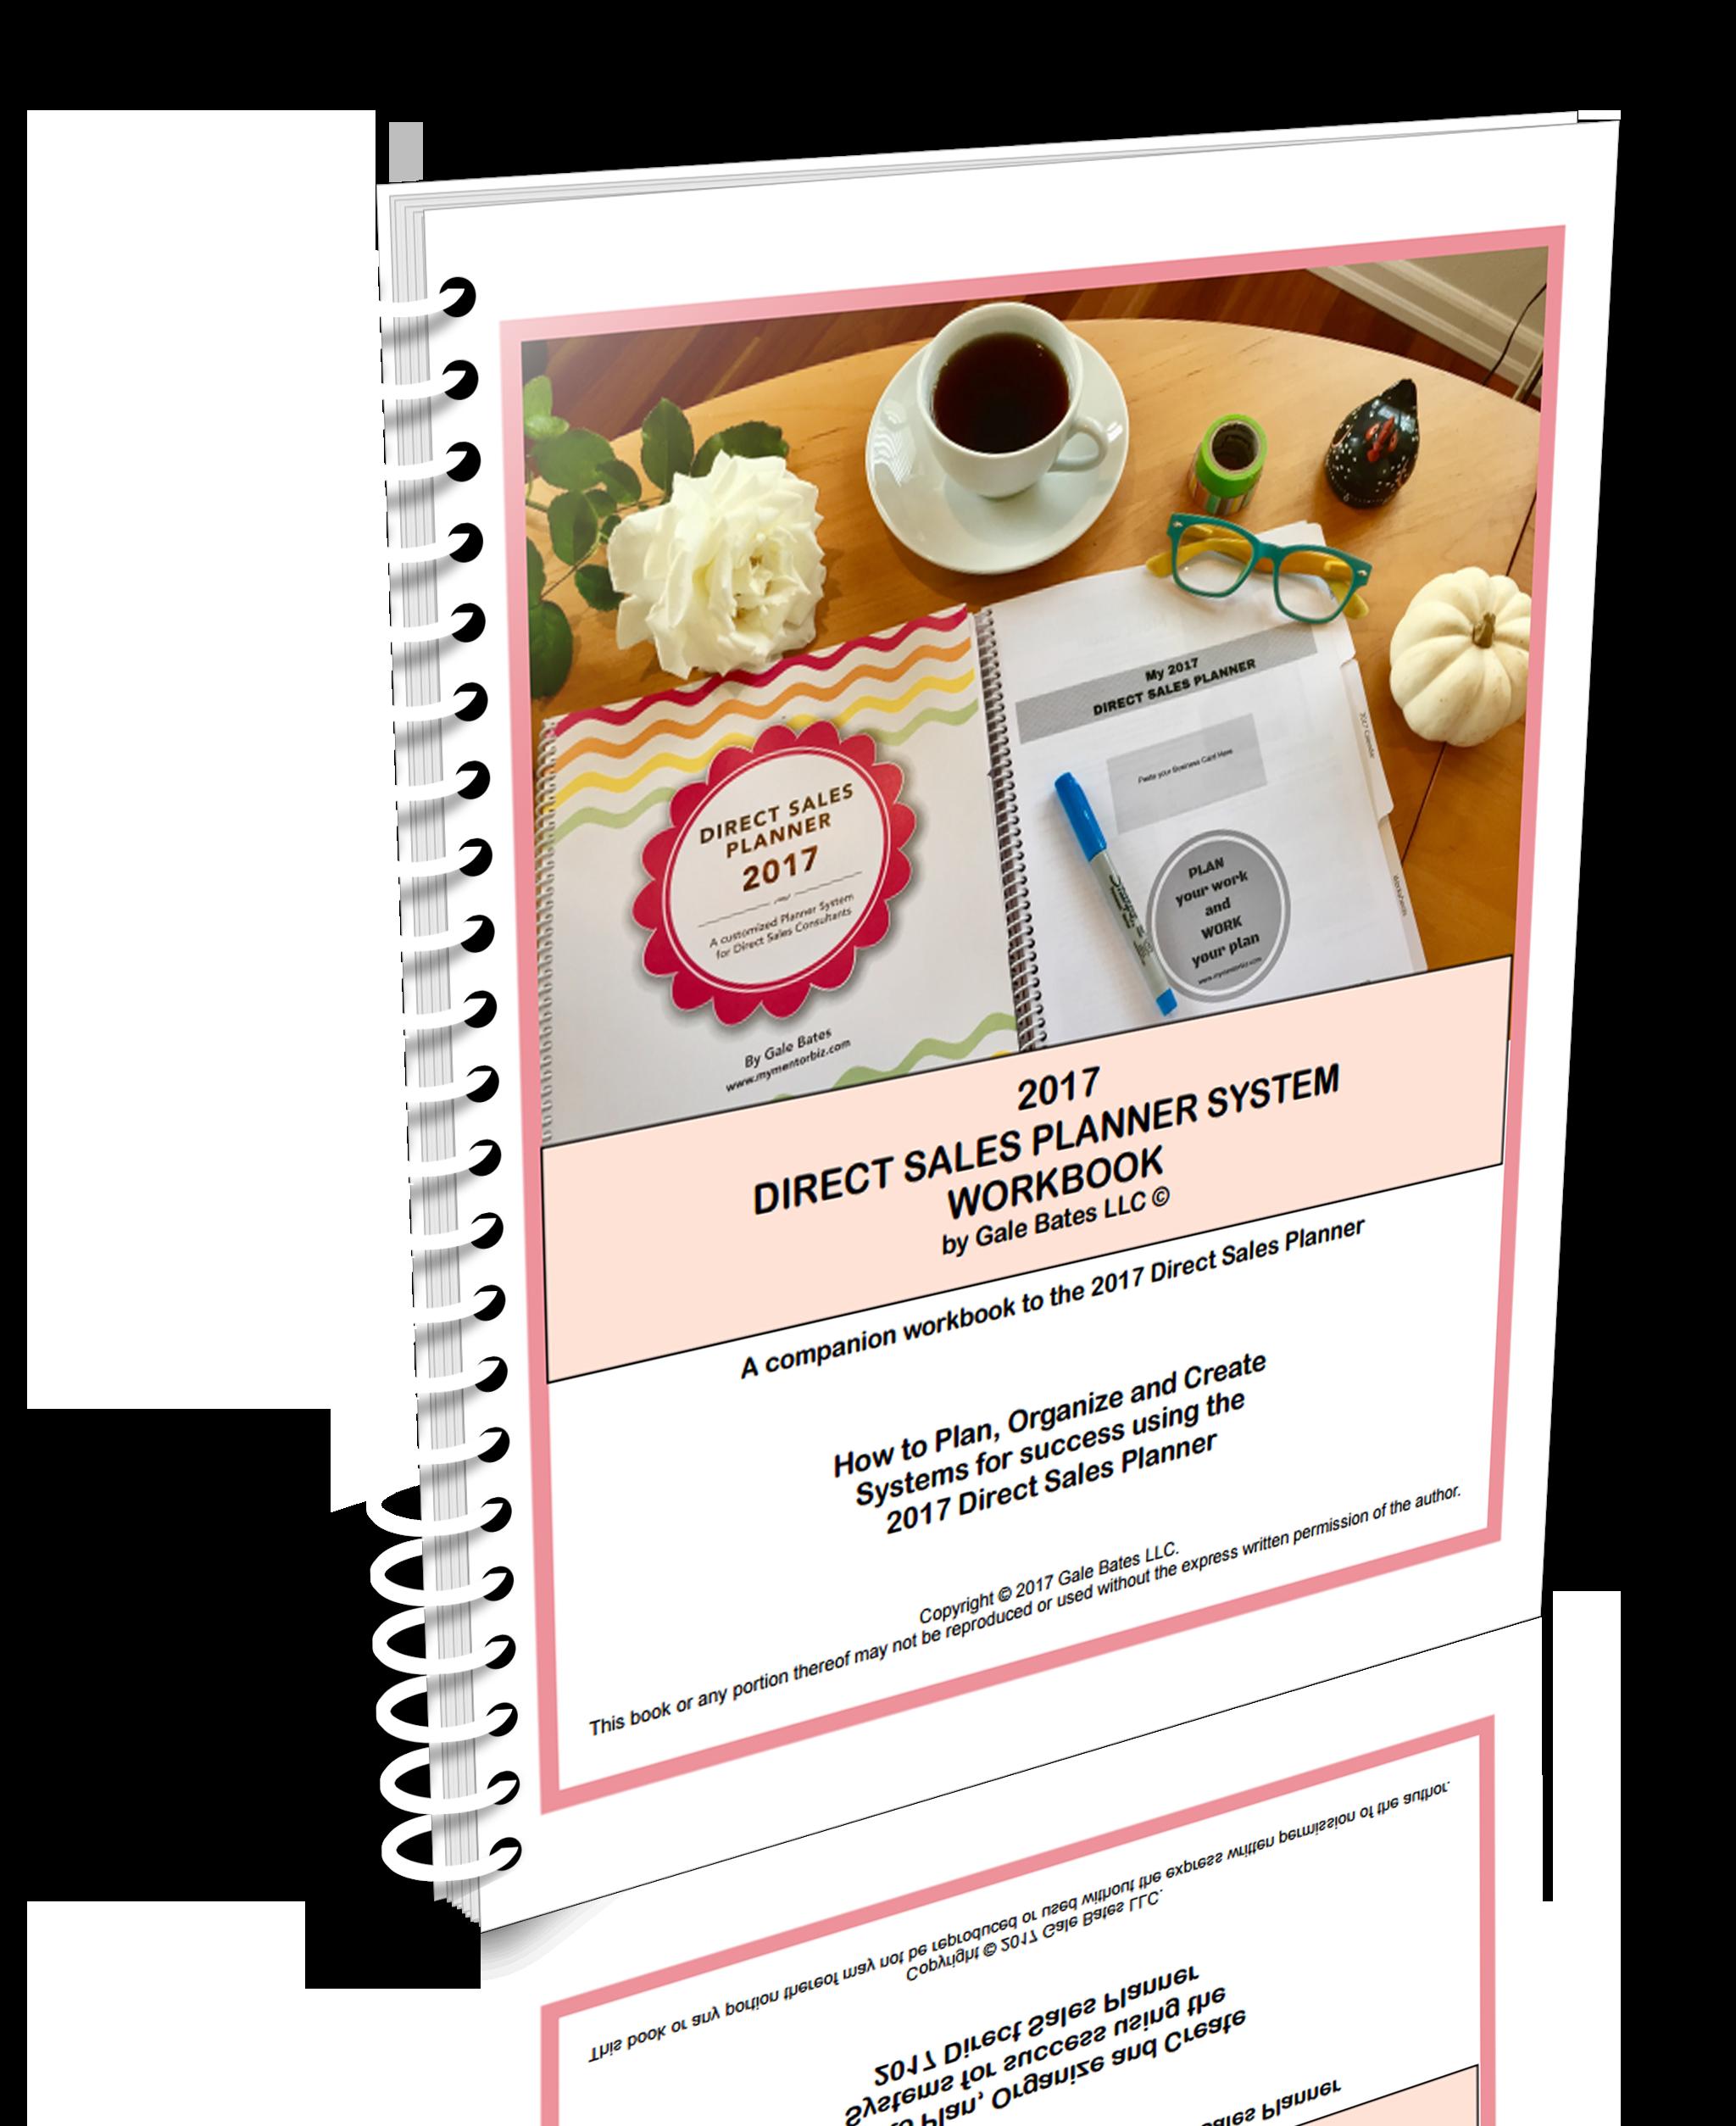 direct_sales_planner_2017_workbook-w-no-background-wht-spiral